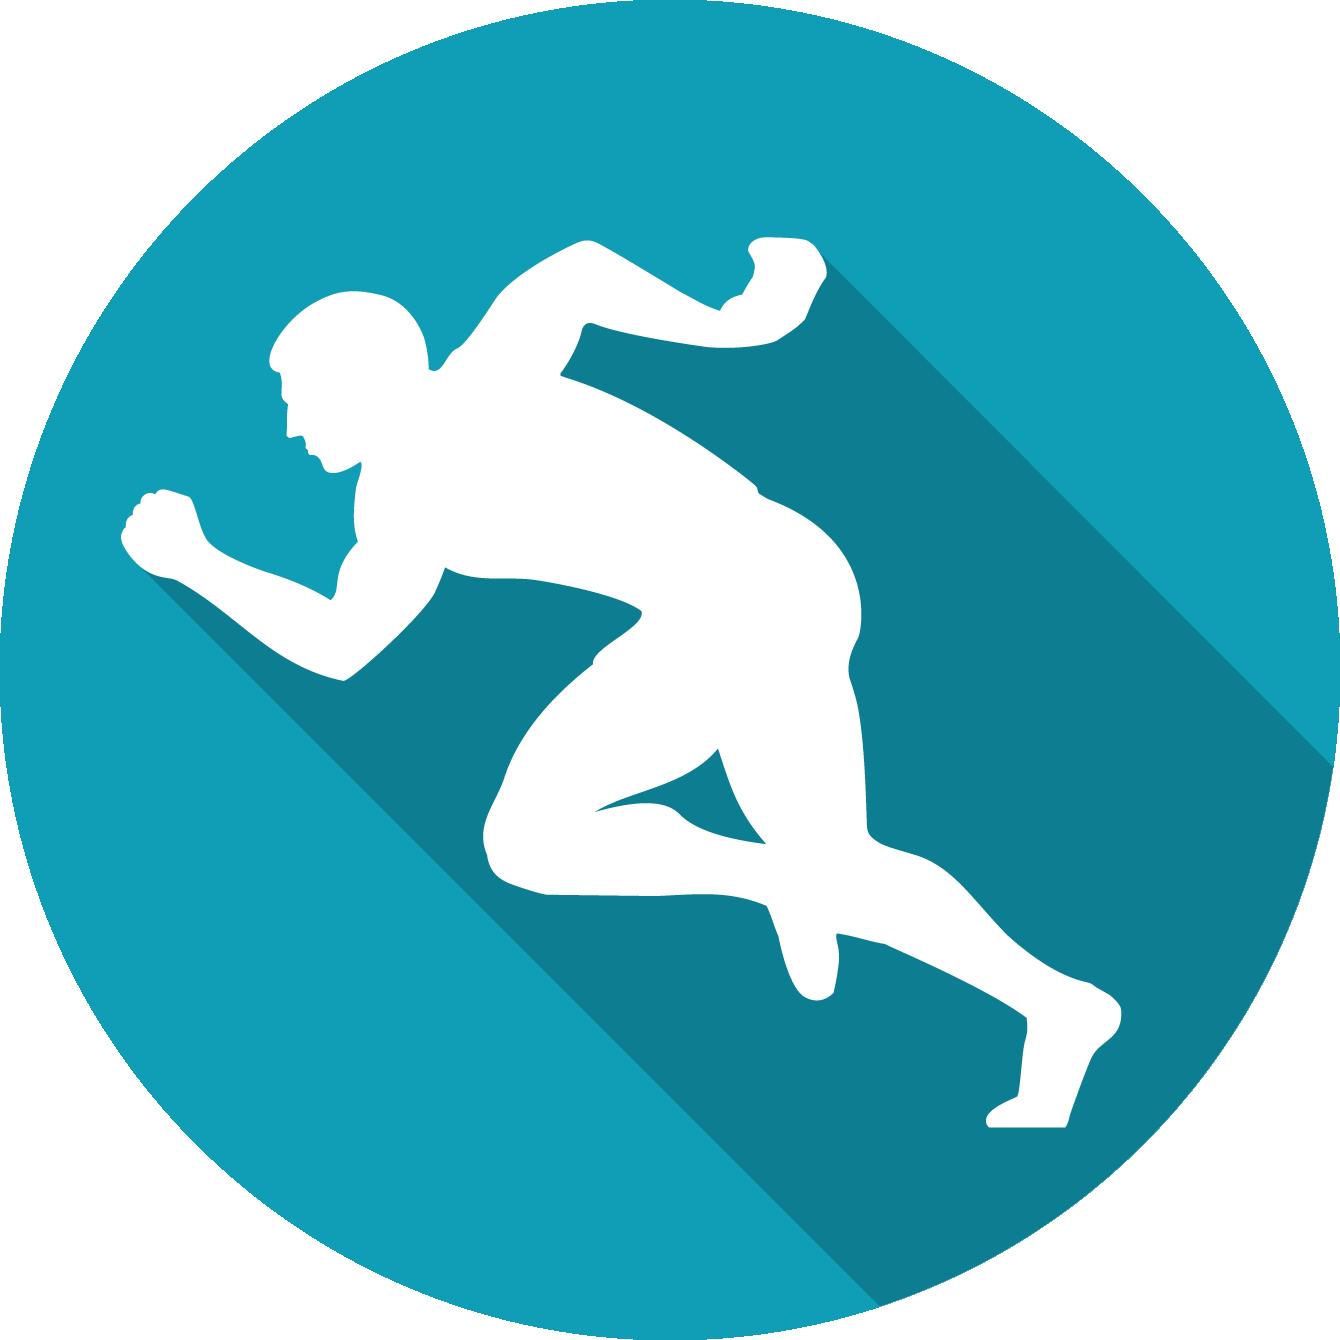 Sport-beweging-toepassingen